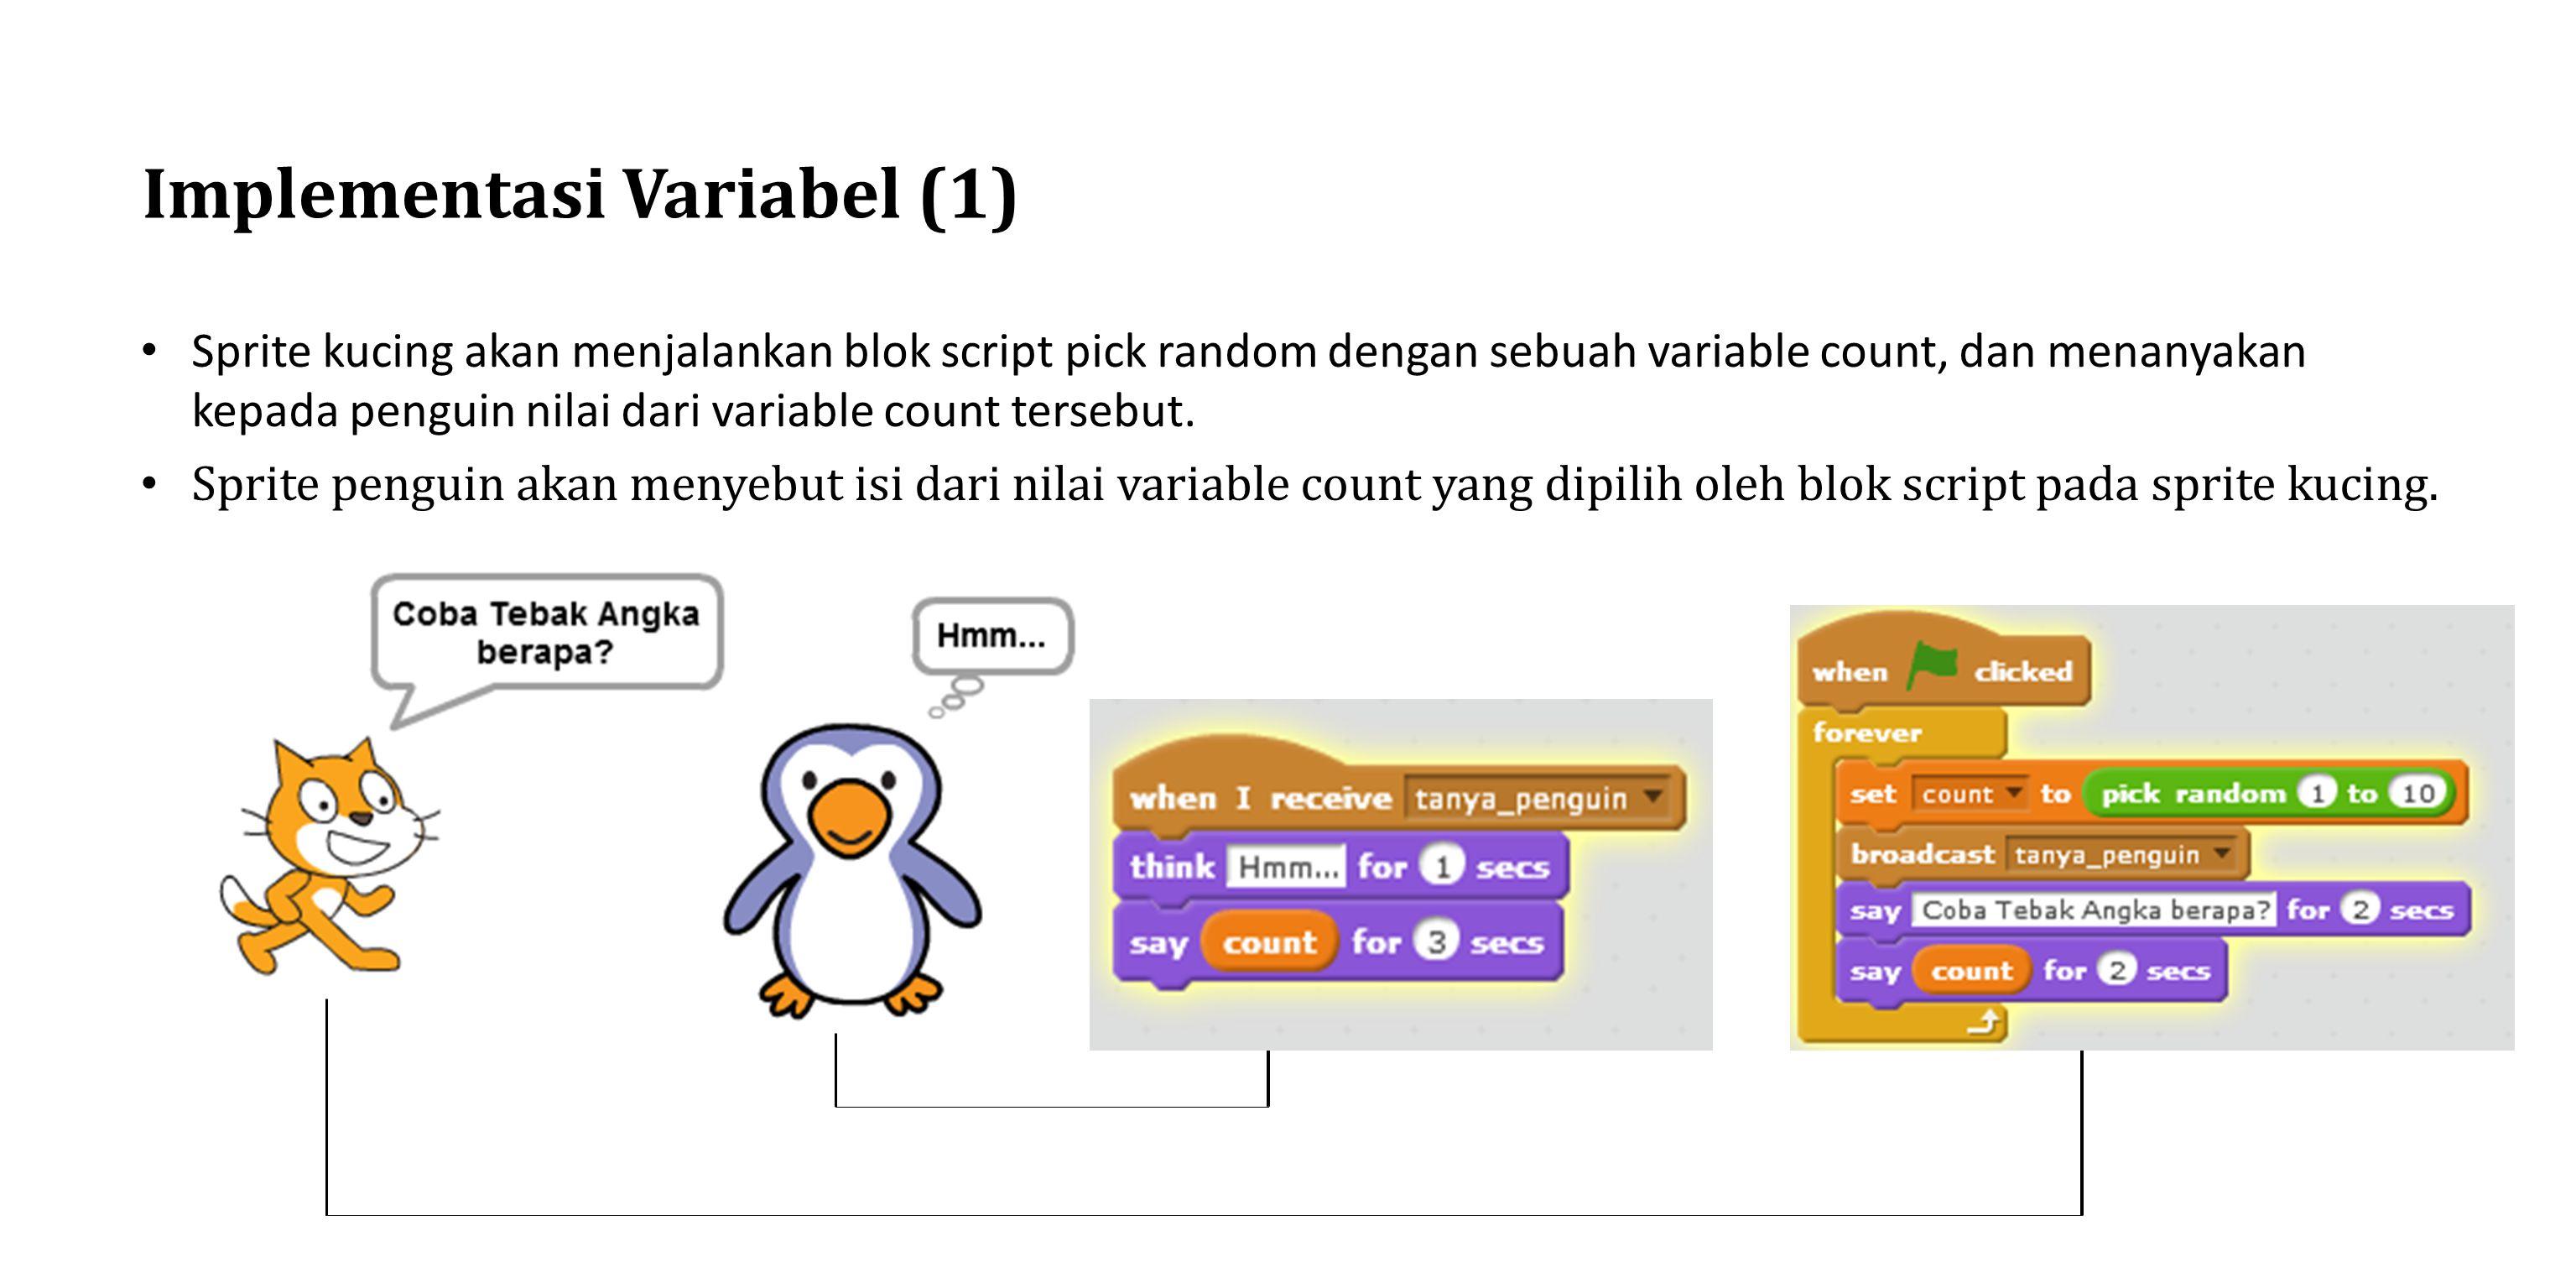 Implementasi Variabel (1) Sprite kucing akan menjalankan blok script pick random dengan sebuah variable count, dan menanyakan kepada penguin nilai dar